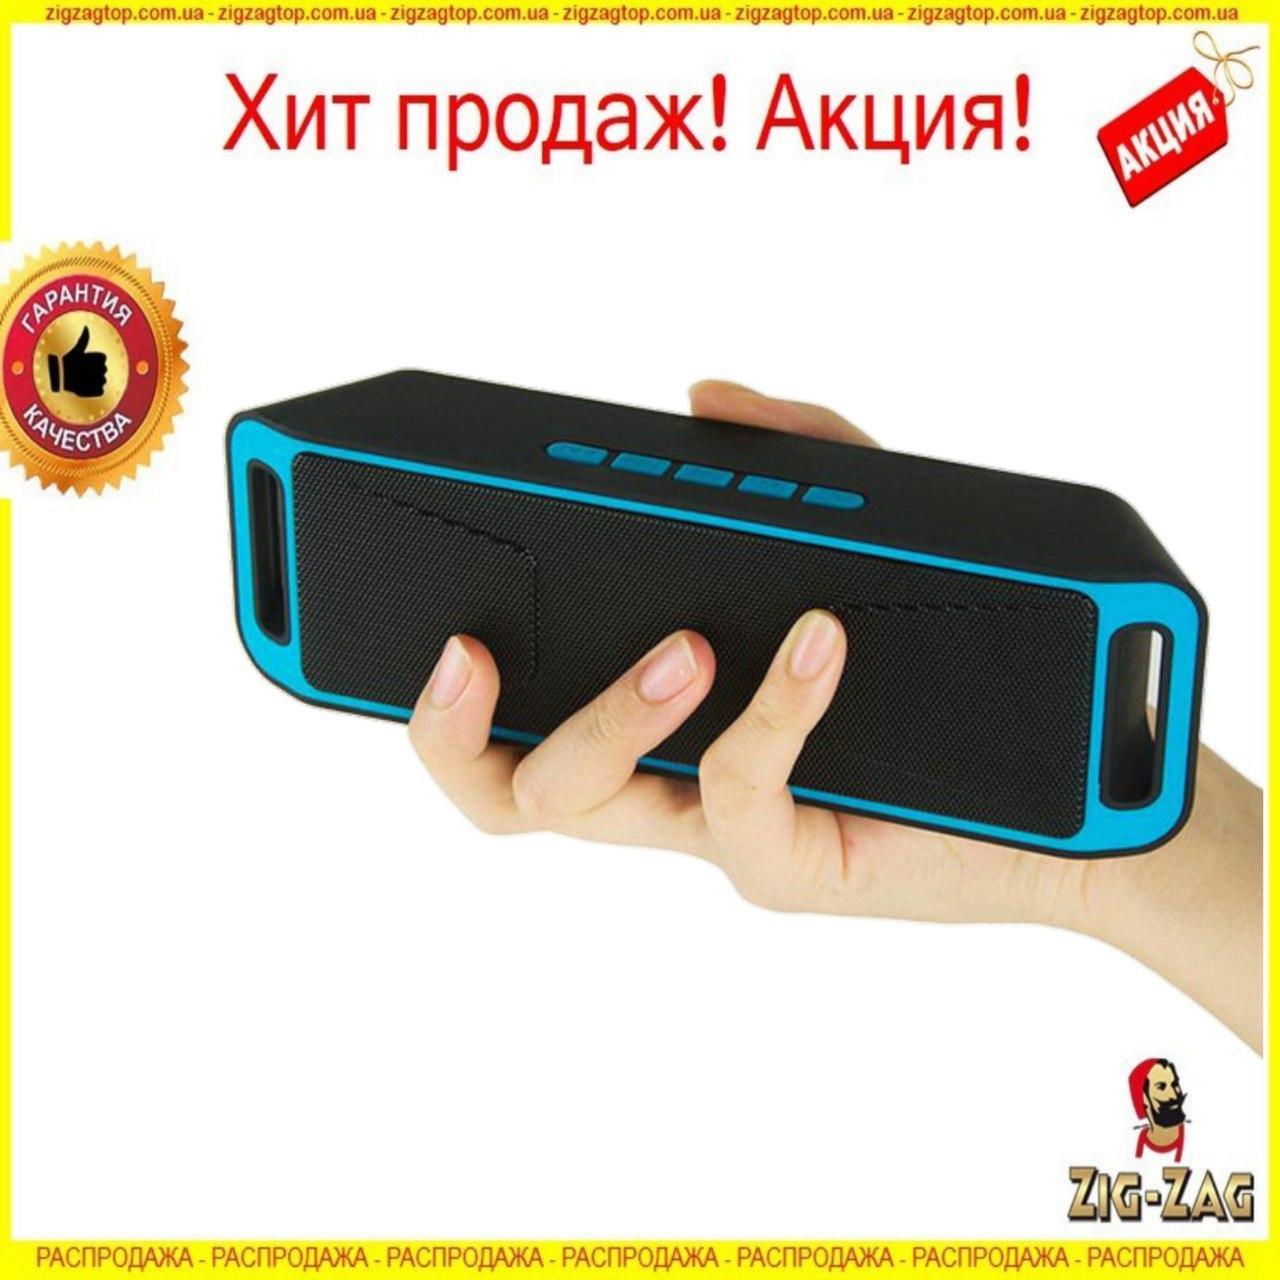 Портативная колонка MEGABASS A2DP SC-208 мощная! блютуз (bluetooth) Радио Микрофон + PowerBank ЧЕРНАЯ мегабасс